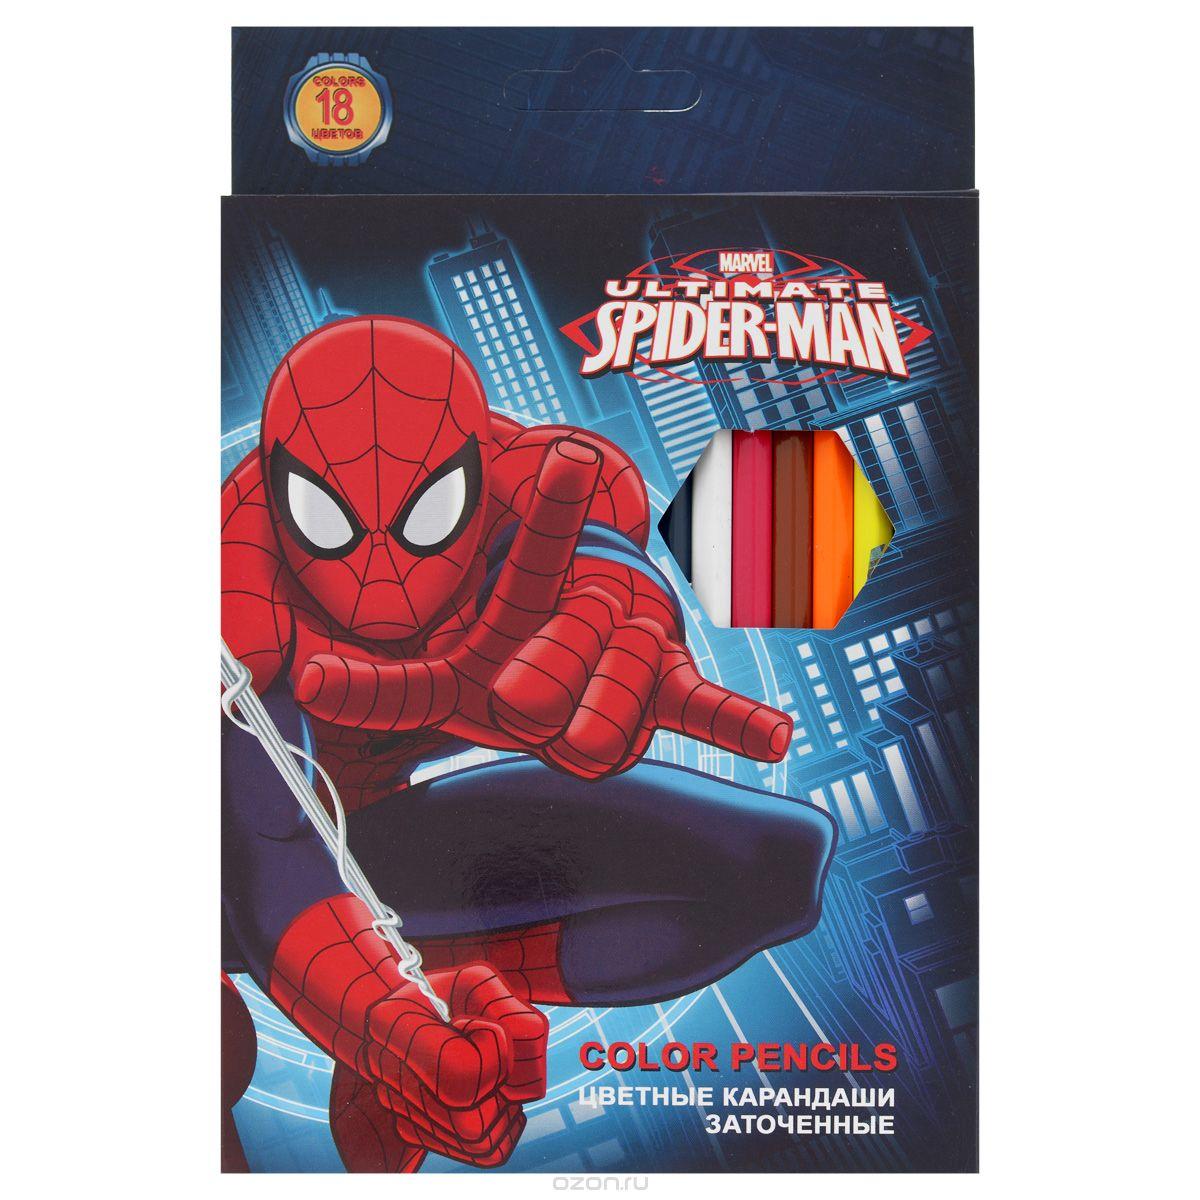 Набор цветных карандашей, 18 шт. Spider-man ClassicSMBB-US2-1P-18Набор цветных карандашей 18 цветов. Яркие, насыщенные цвета, мягкое письмо. Прочный неломающийся грифель диаметром 3 мм. Высококачественная древесина. Двойная проклейка стержня специальным клеем предотвращает поломку грифеля при падении. Легко затачим